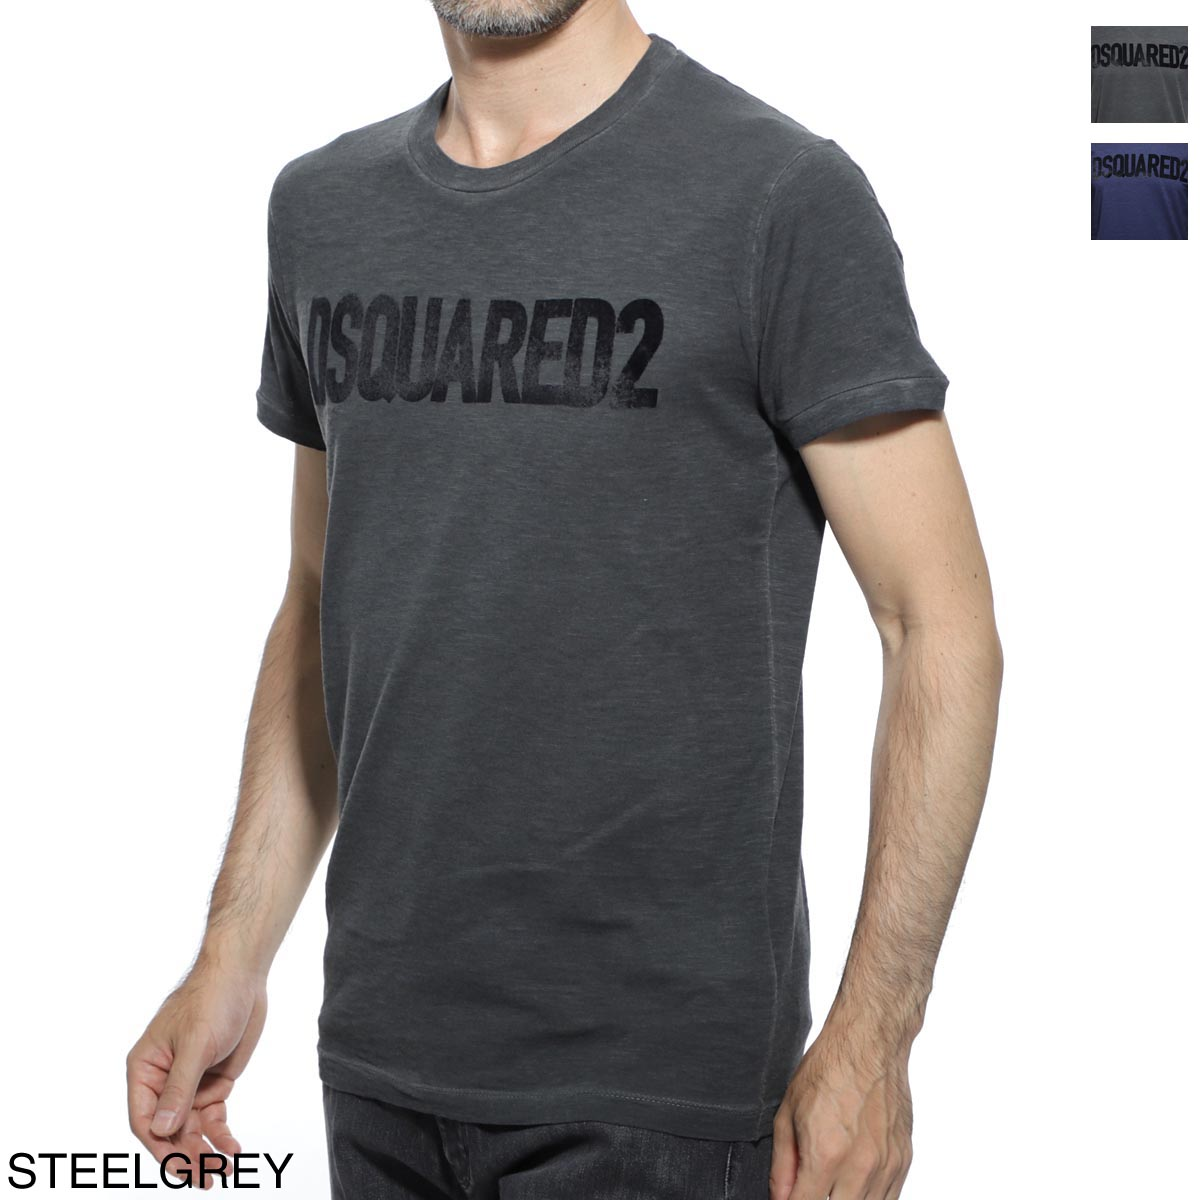 ディースクエアード DSQUARED2 ラウンドネック Tシャツ メンズ カジュアル トップス インナー 半袖 s74gd0587 s22146 814 PRINT T-SHIRT【あす楽対応_関東】【返品送料無料】【ラッピング無料】